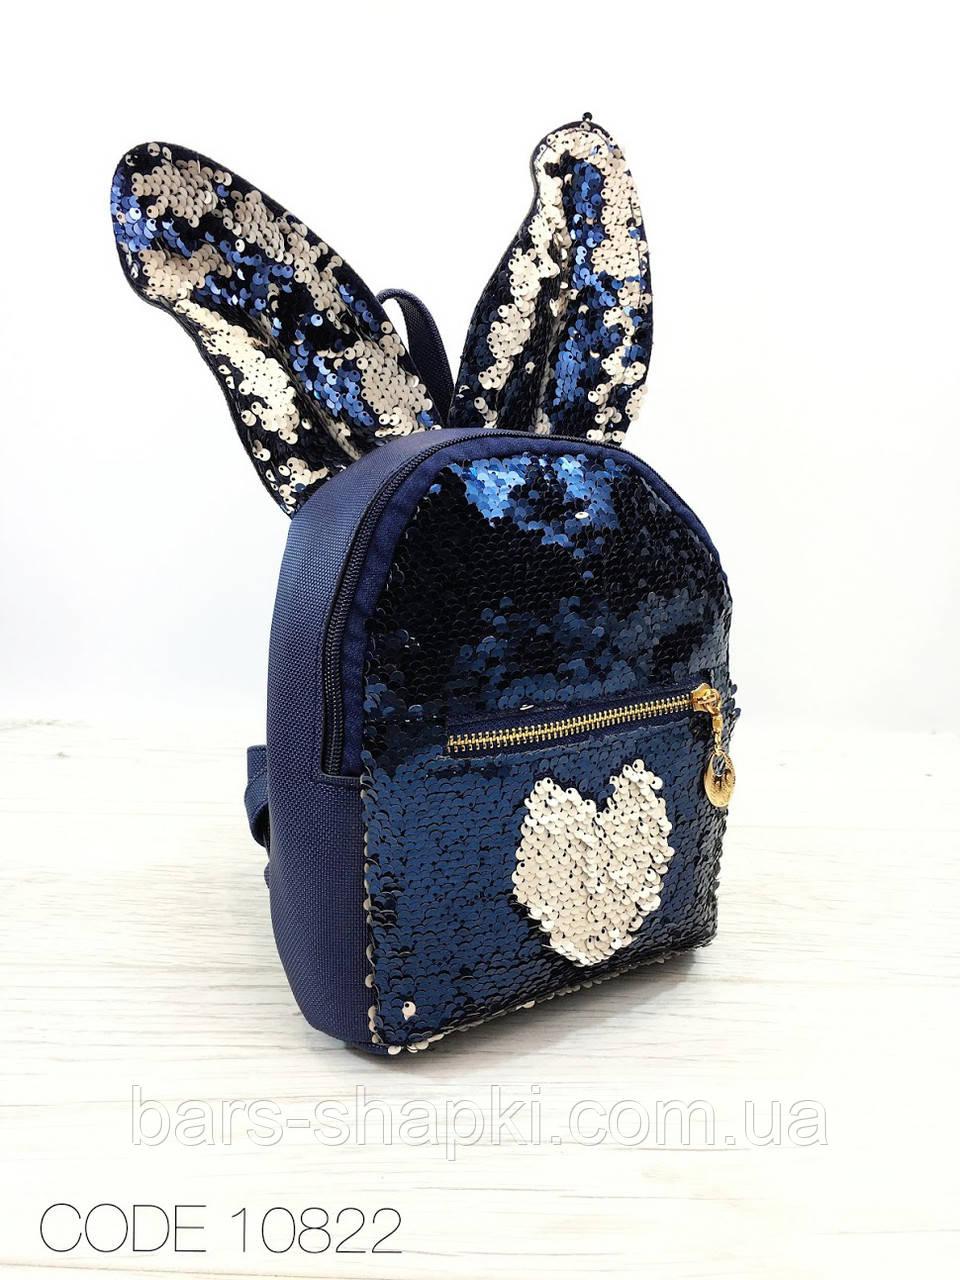 Стильный рюкзак с ушками и двусторонними пайетками, Турция. Цвет синий